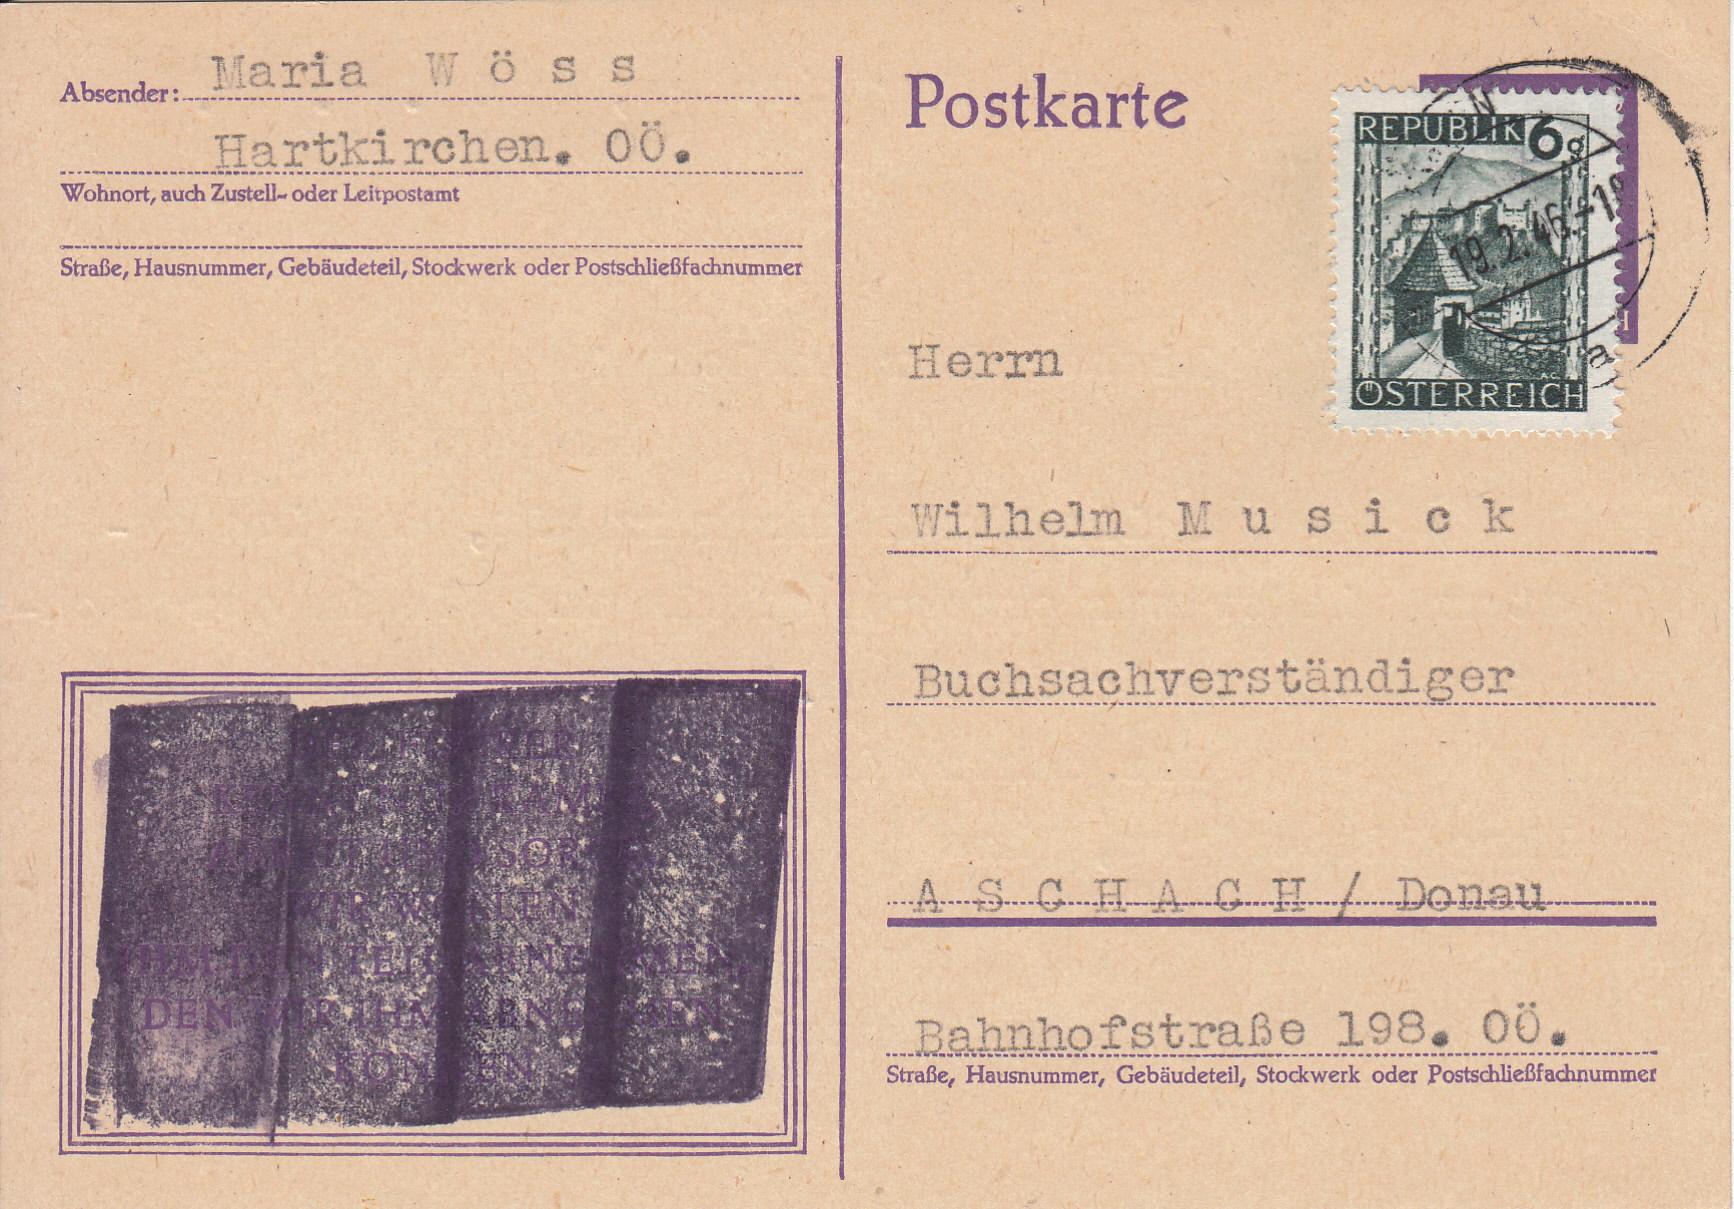 Notmaßnahmen und Provisorien bei Postkarten 1945-1948 Img_0196